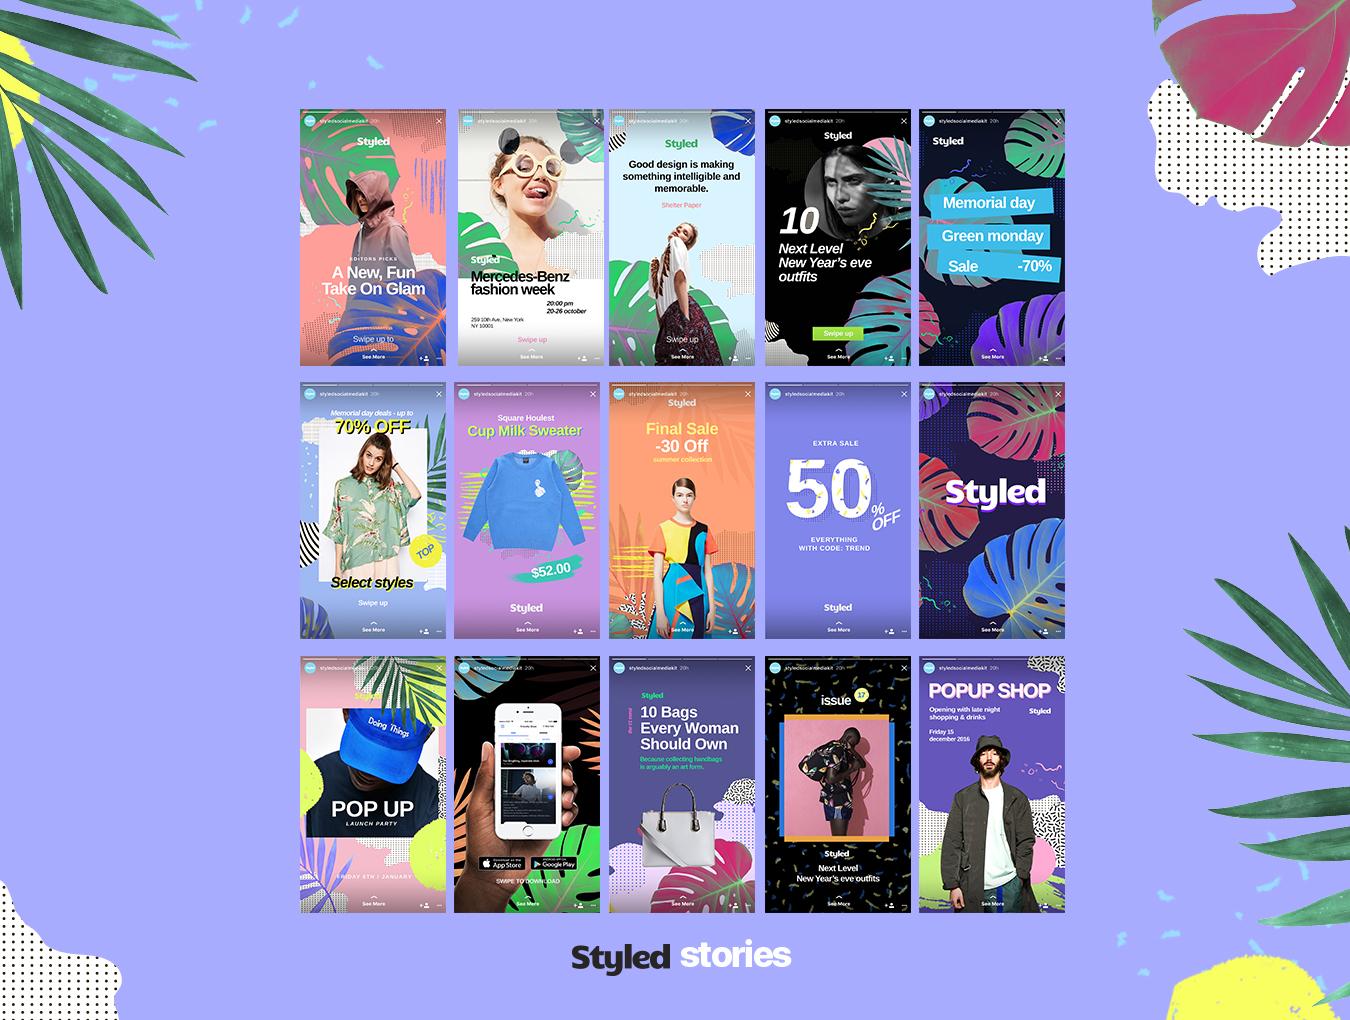 [VIP专享] 40个非常时尚的风格模板.PSD素材下载 VIP主题包-第2张